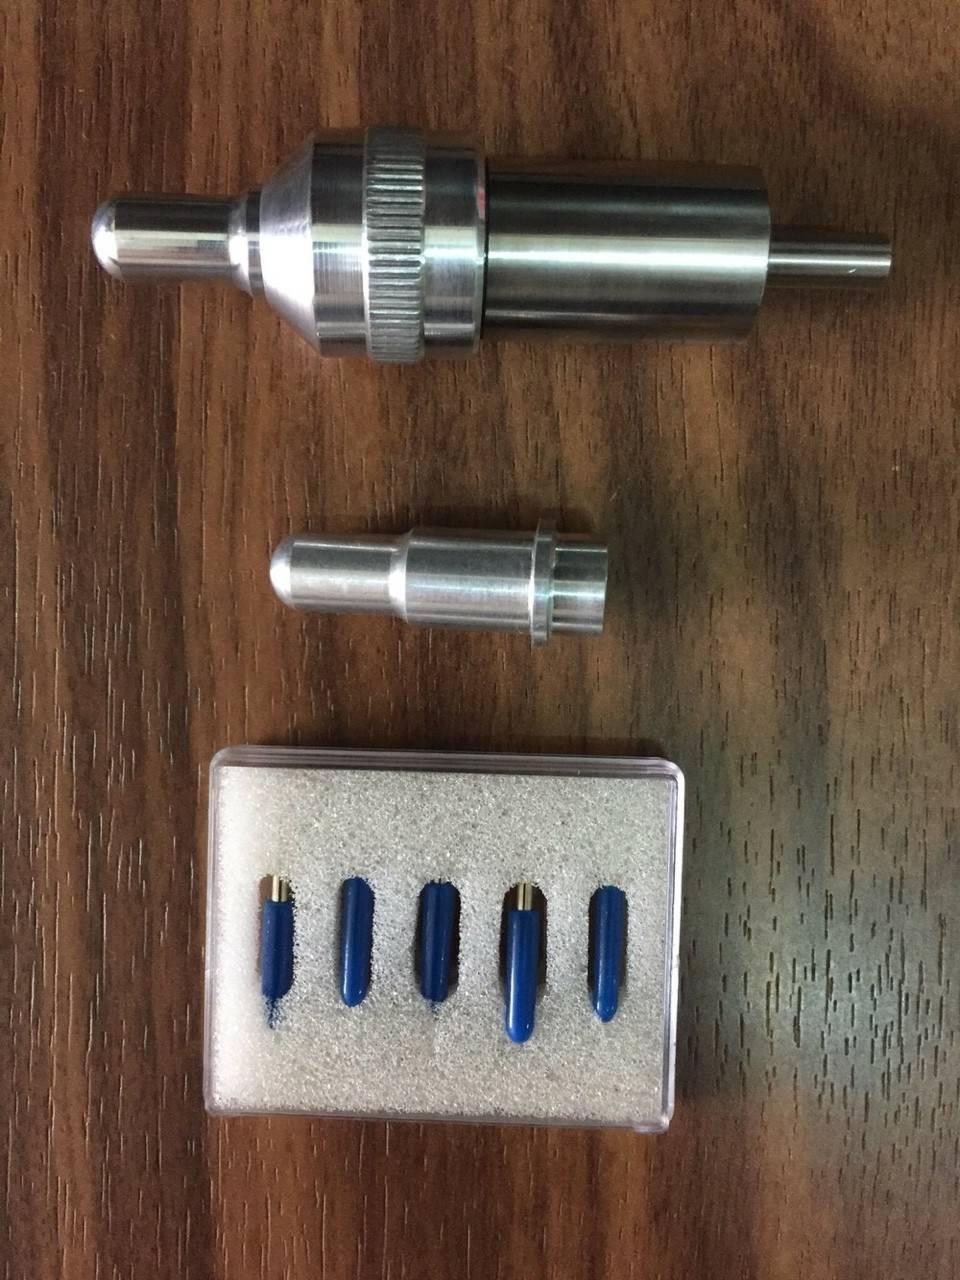 Cung cấp linh kiện cho máy cắt Decal CNC và Laser